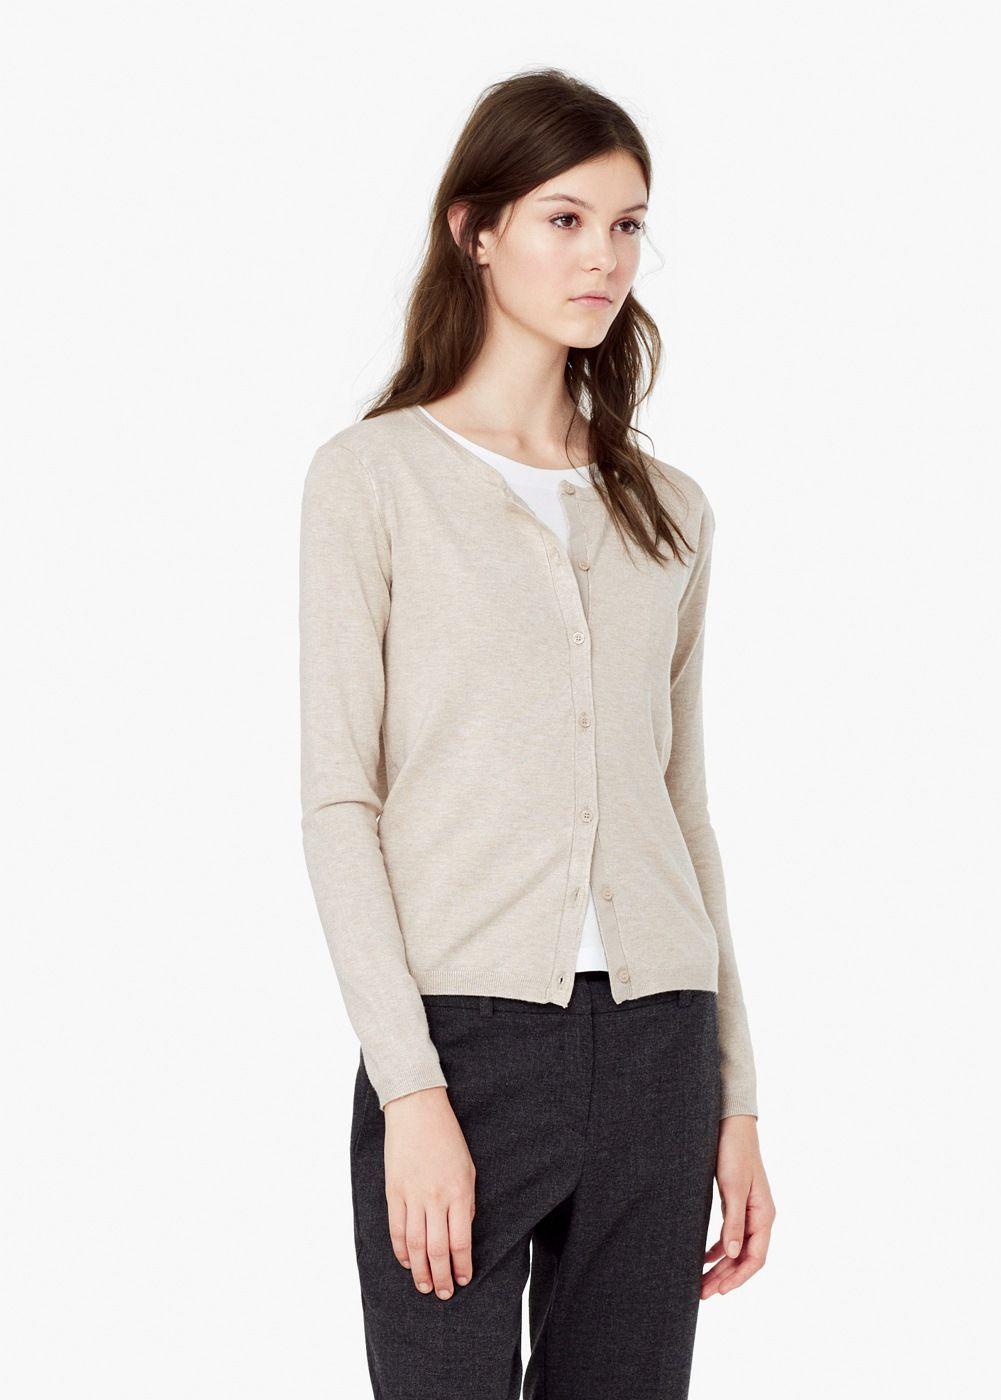 el precio más bajo 87e24 3583e Cárdigan básico - Mujer | Must have! | Sweaters, Cardigans ...